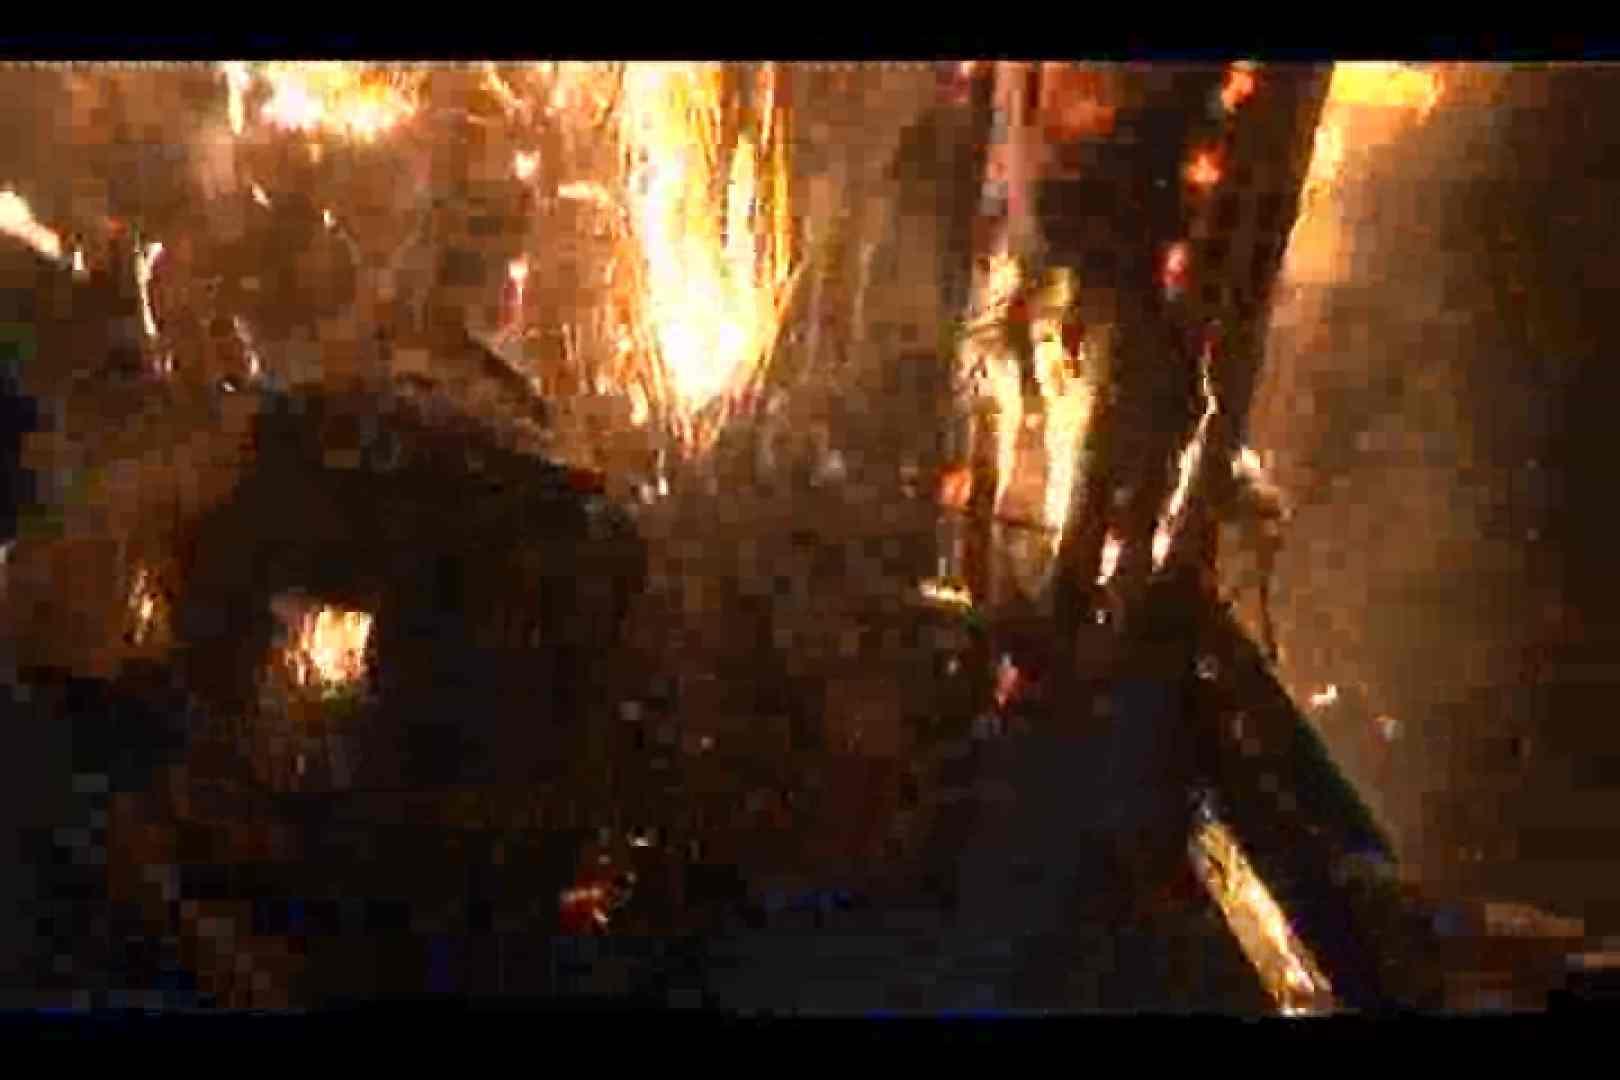 ゲイ 肉棒 動画|鳥羽の火祭り 3000K!高画質バージョンVOL.03|完全無修正